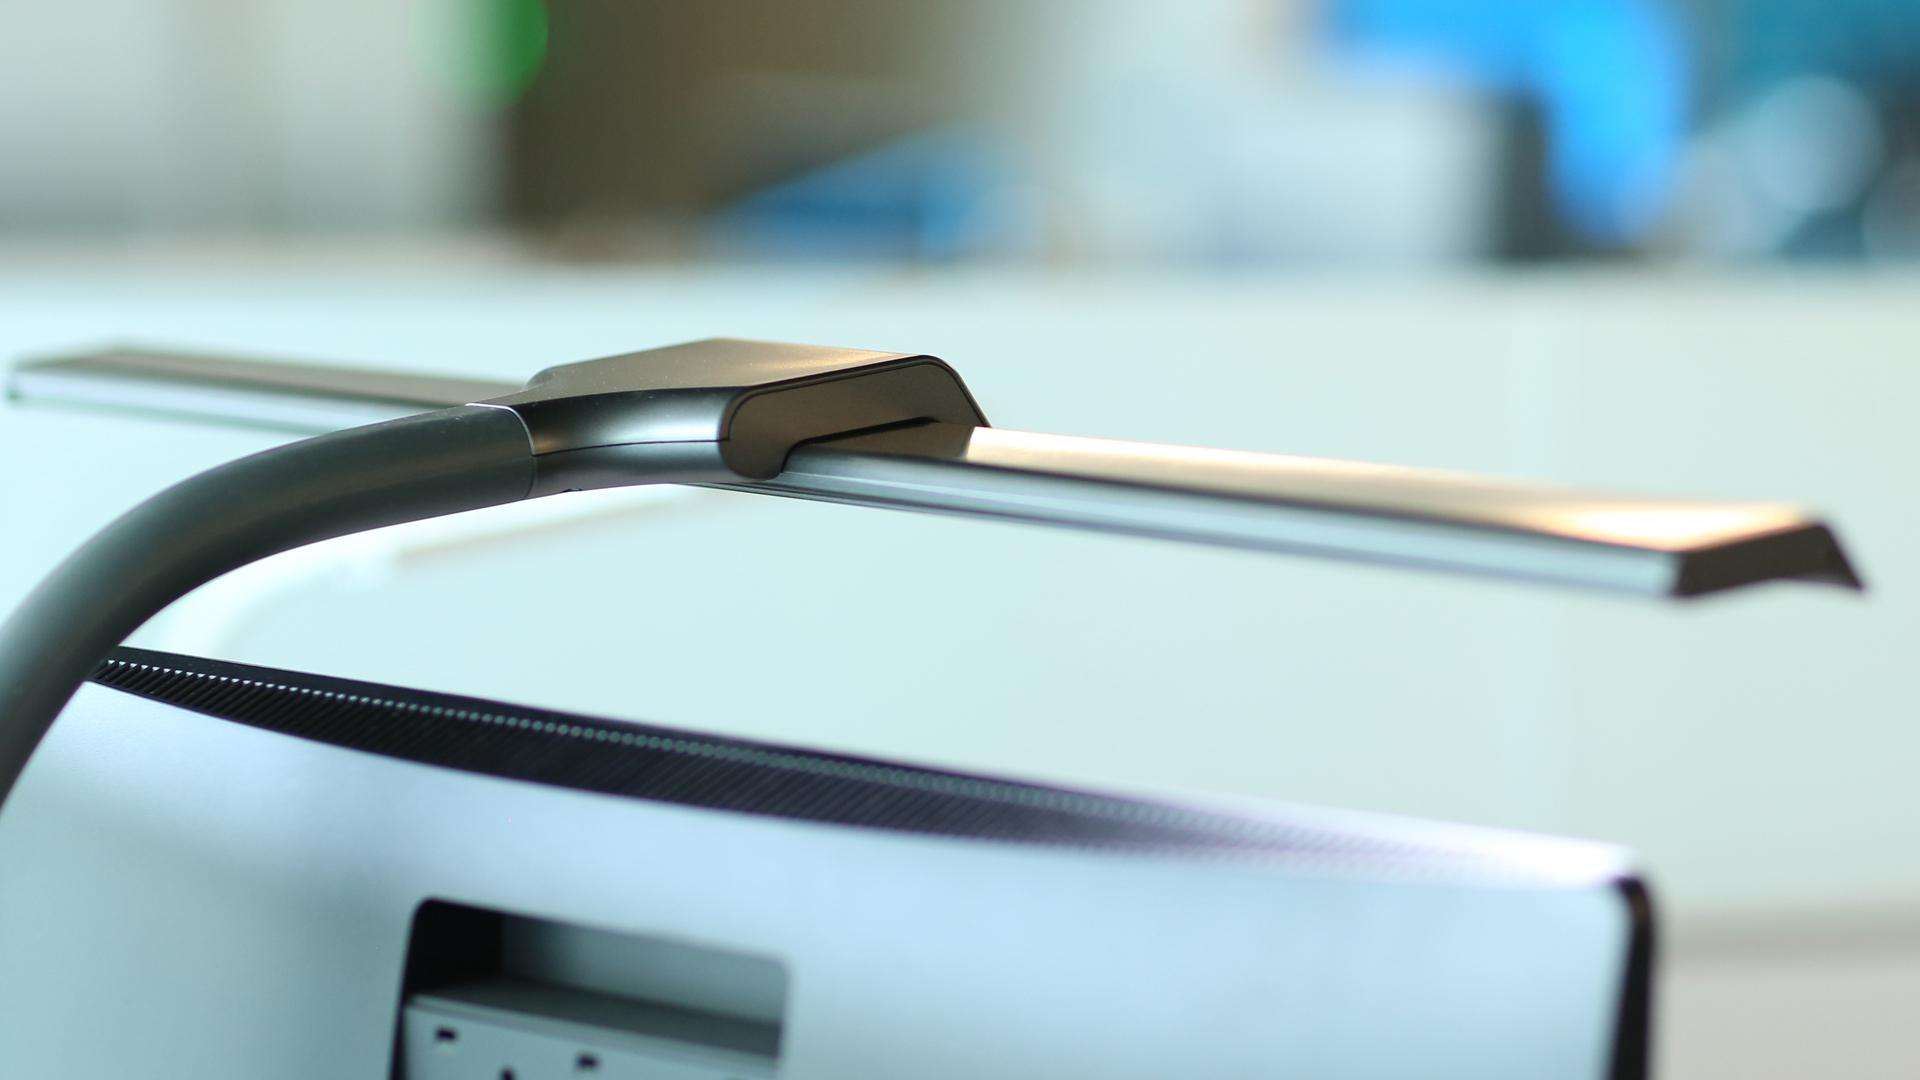 Epikos for Your Desktop